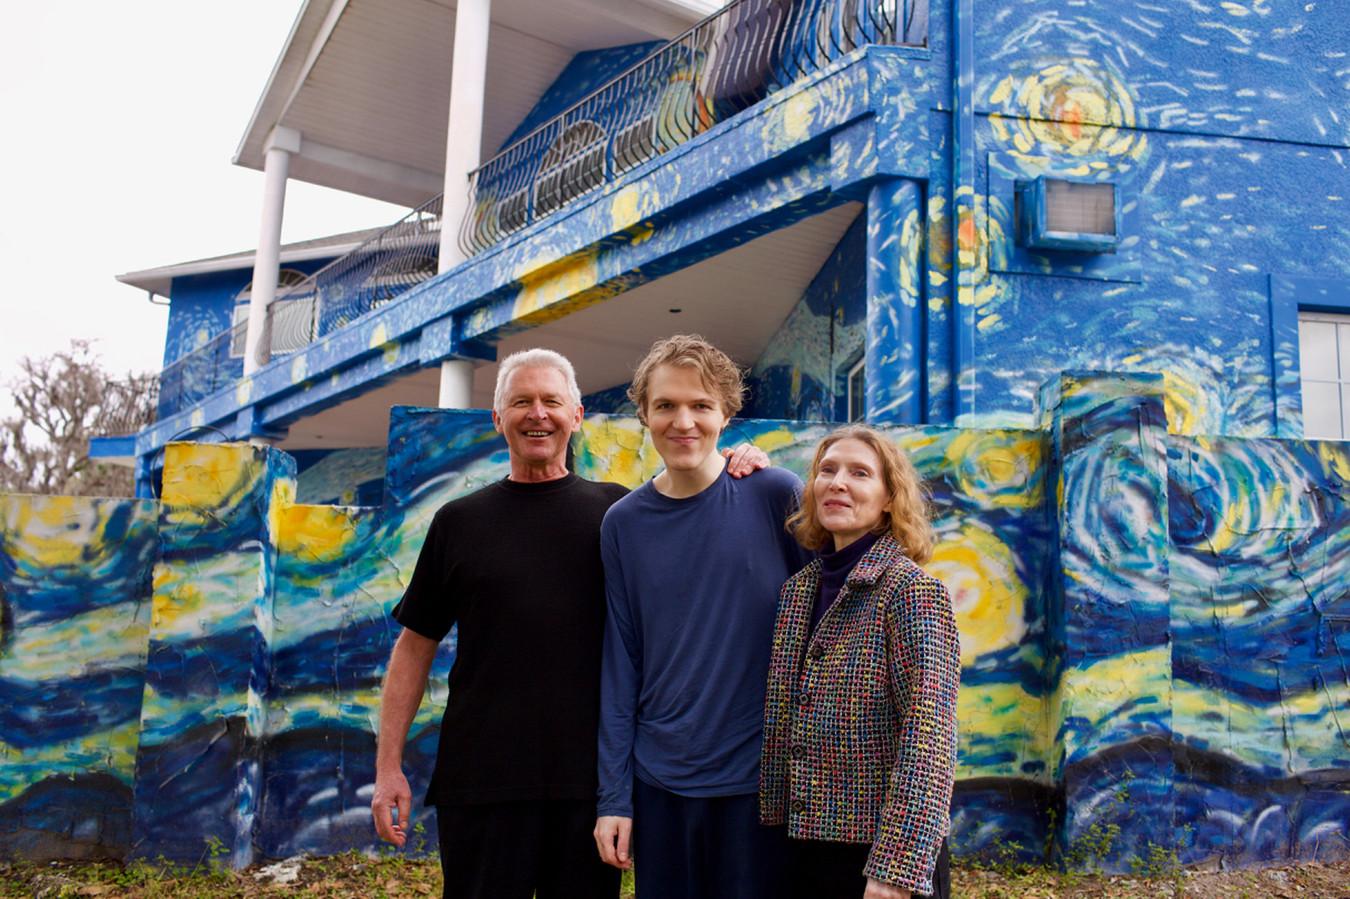 Lubomir Jastrzebski (l) en Nancy Nembhauser (r) met hun autistische zoon voor hun tot kunstwerk omgetoverde huis met de muurschildering van De Sterrennacht van Van Gogh.